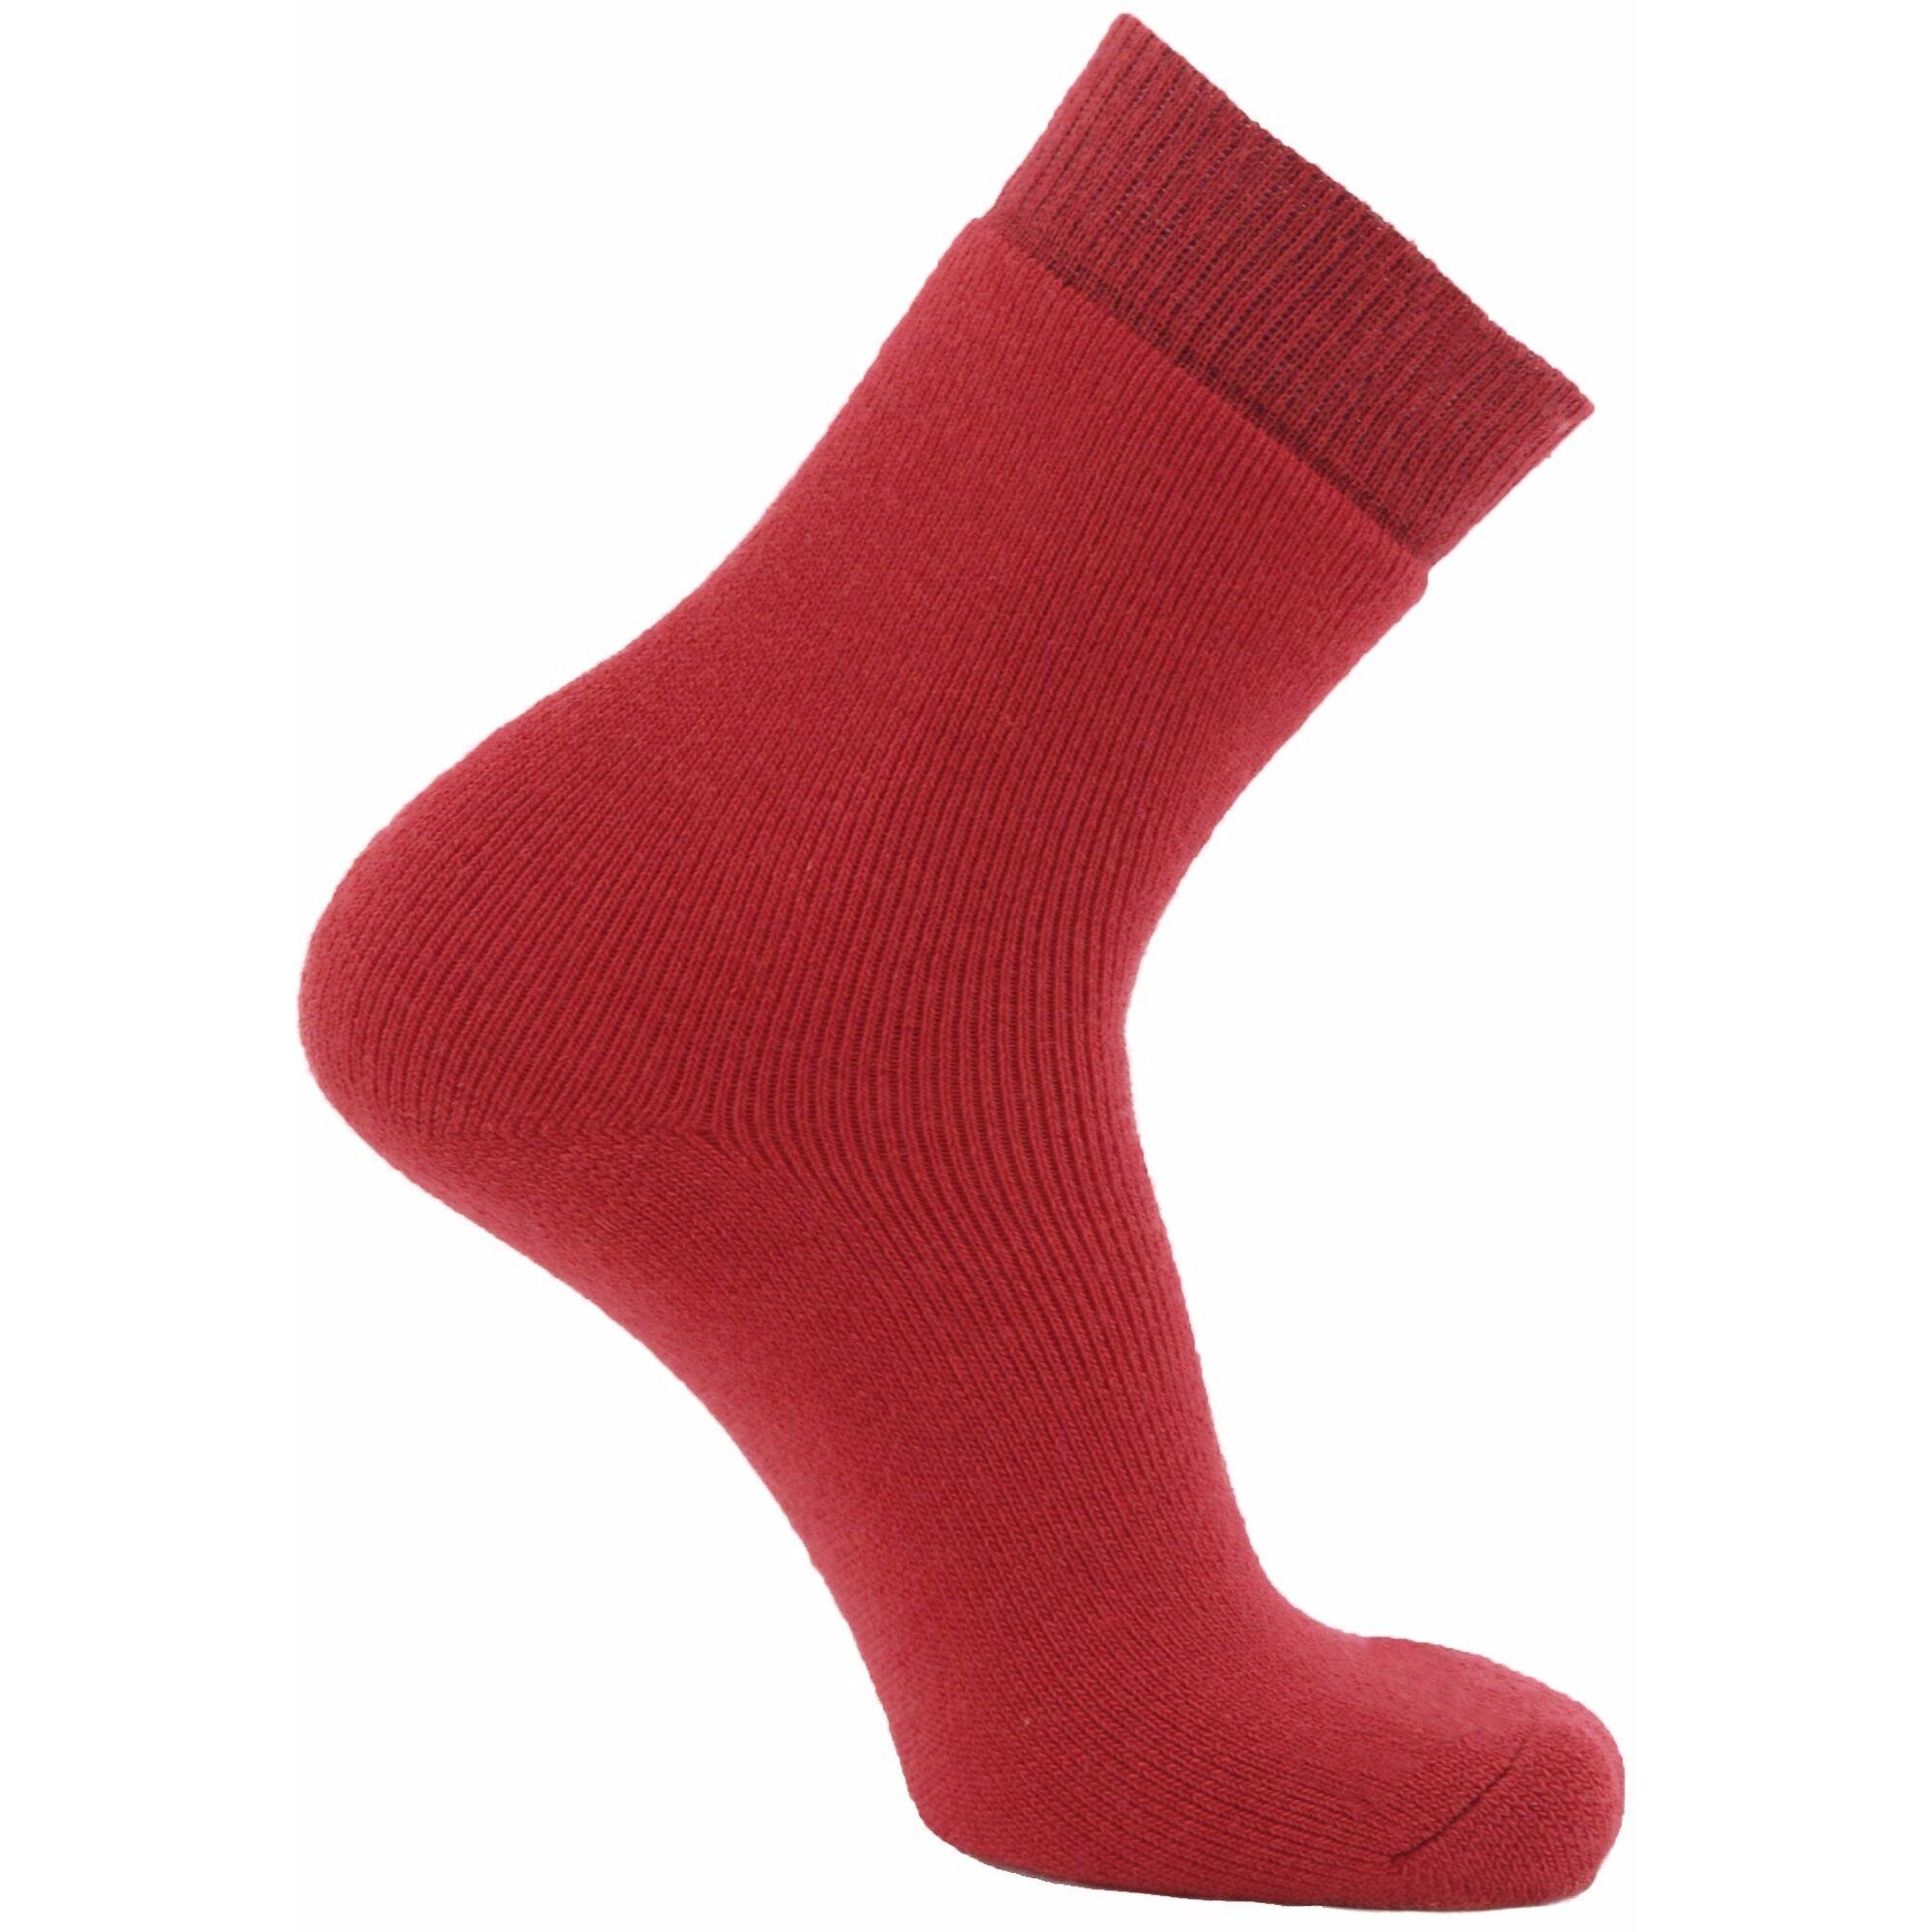 Horizon - Chaussettes - Adulte Unisexe (Rouge) - UTHZ263